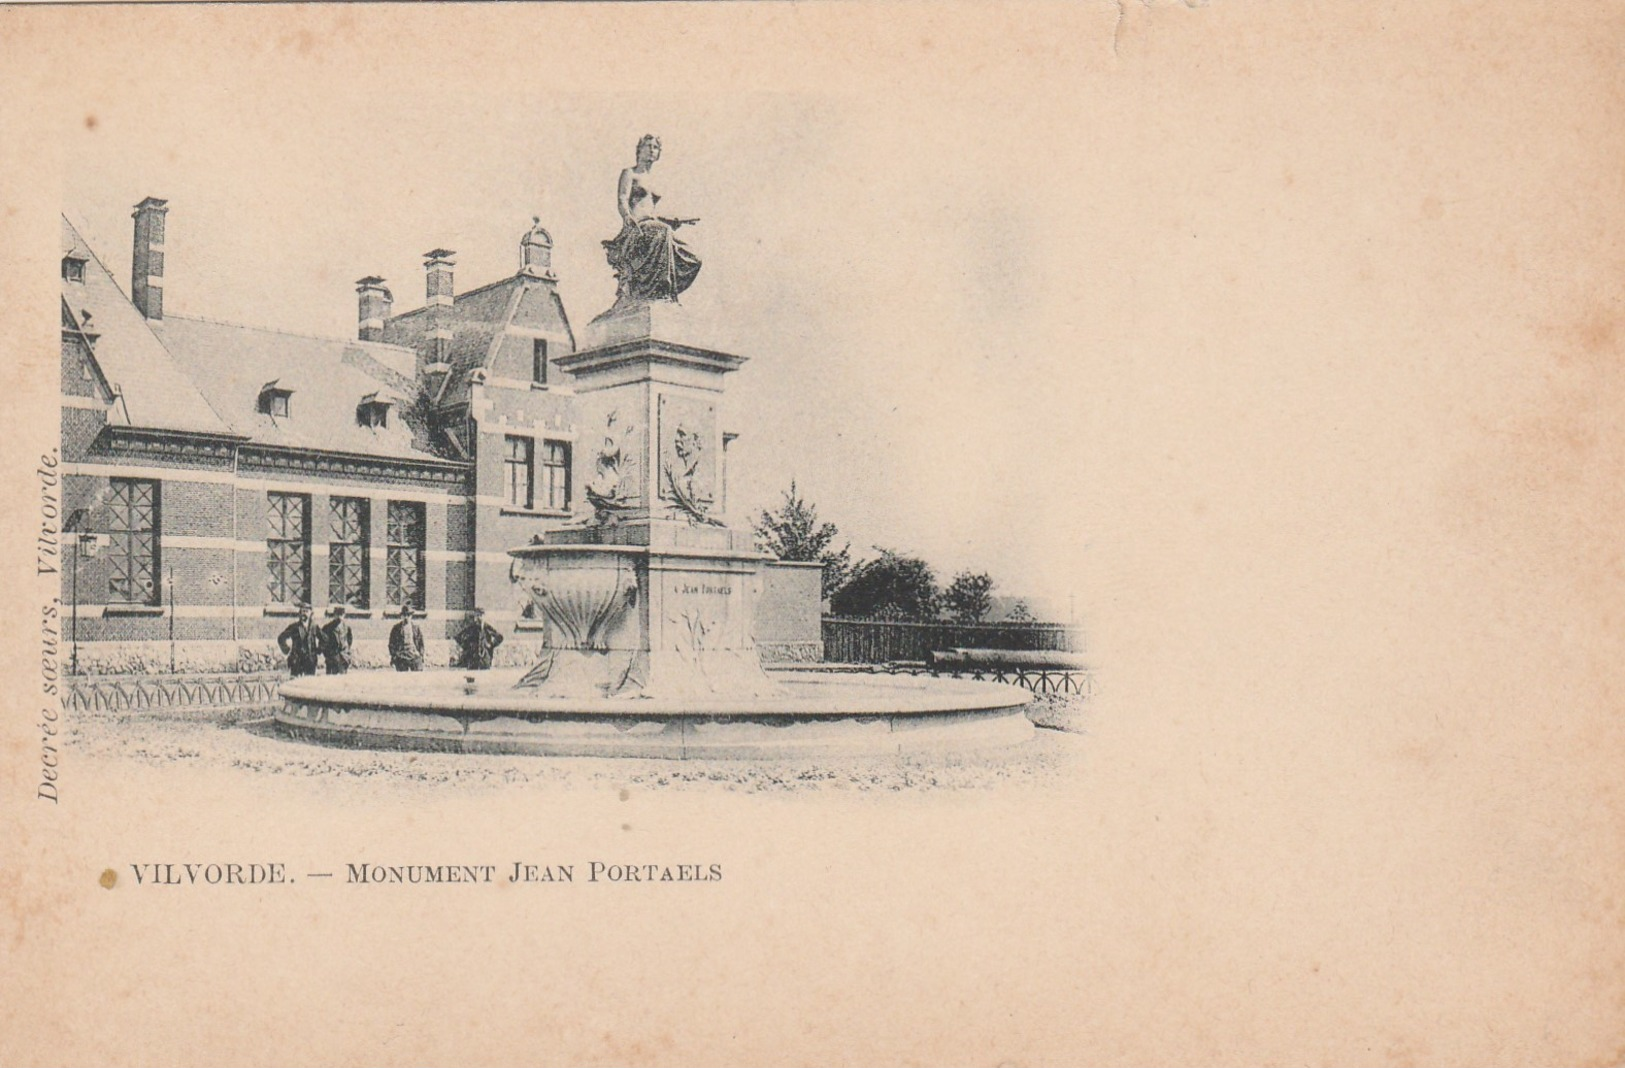 Vilvorde , Vilvoorde , Monument Jean Portaels - Vilvoorde